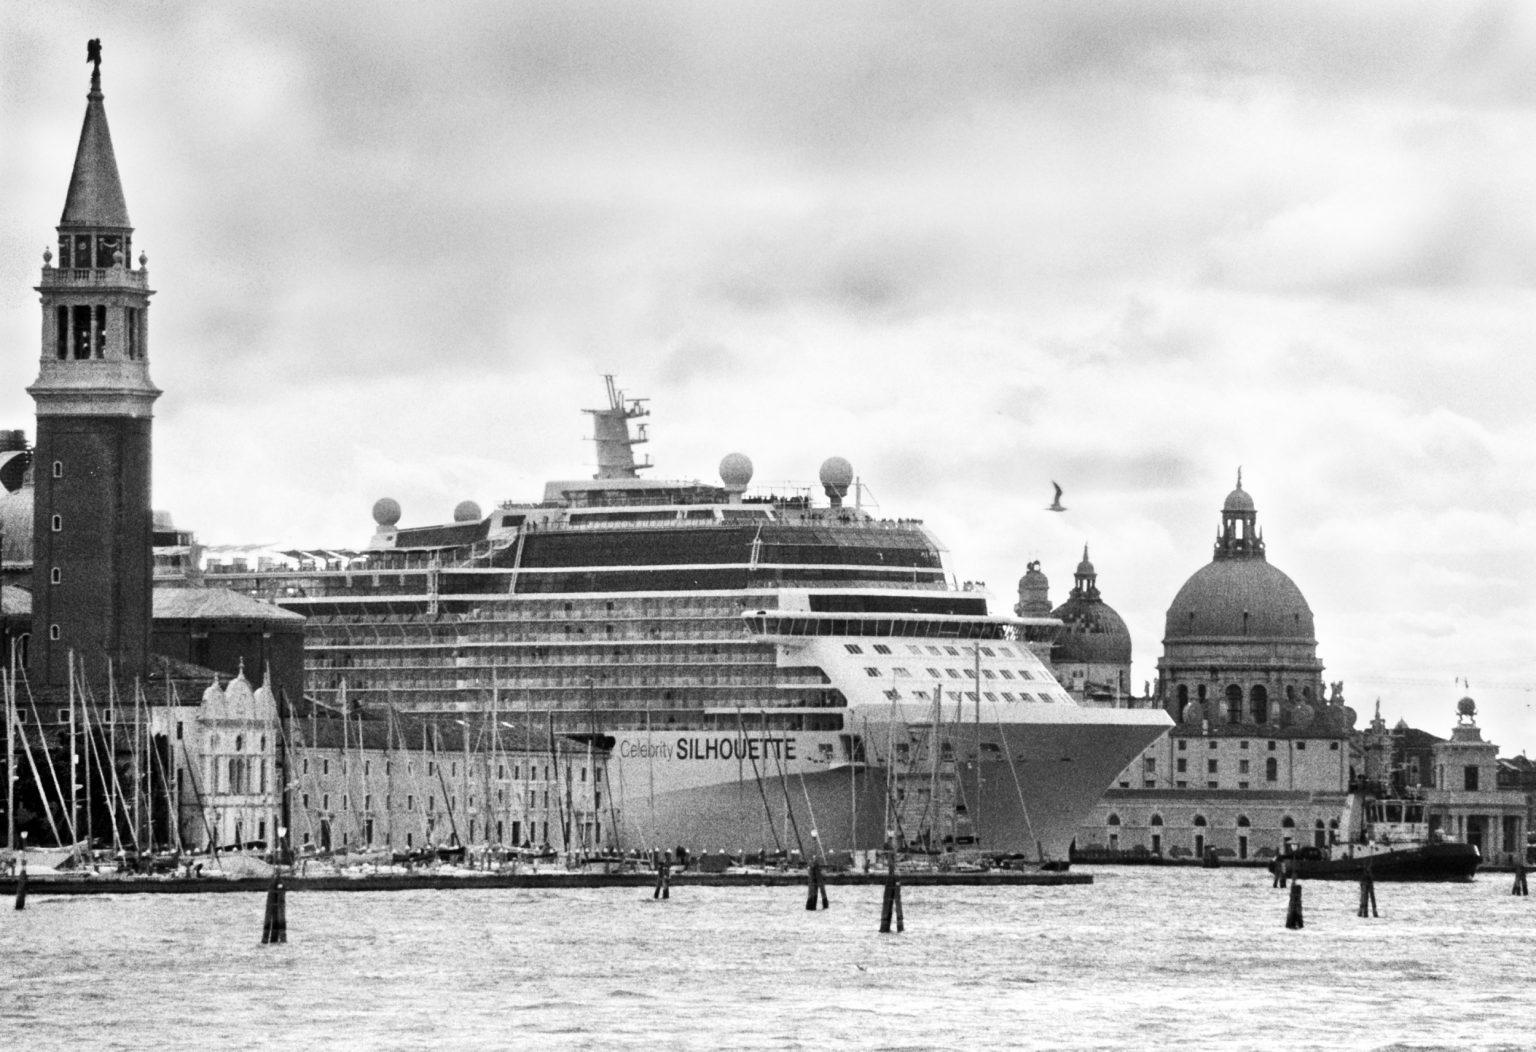 """Venice, April 2013 - Big cruise liners invade the city - Celebrity Silhouette Solstice-class cruise ship passing by the old town ><  Venezia, aprile 2013 - Le grandi navi da crociera invadono la città - La nave da crociera Celebrity Silhouette passa davanti al centro storico<p><span style=""""color: #ff0000""""><strong>*** SPECIAL   FEE   APPLIES ***</strong></span></p>*** SPECIAL   FEE   APPLIES *** *** Local Caption *** 00473494"""